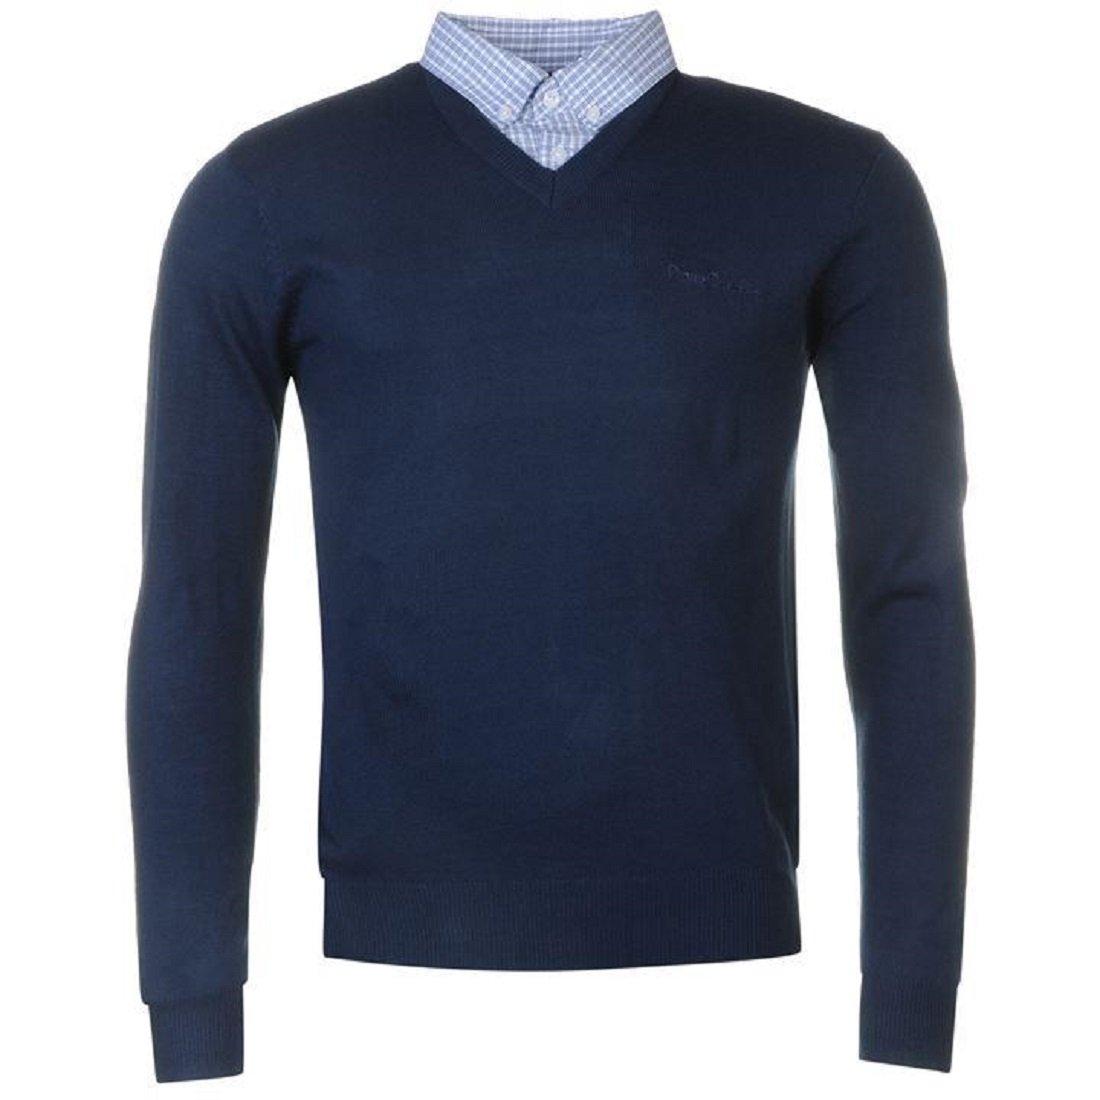 TALLA L. Pierre Cardin Jersei para Hombre de Punto con Cuello en V y Cuello de Camisa Falsa